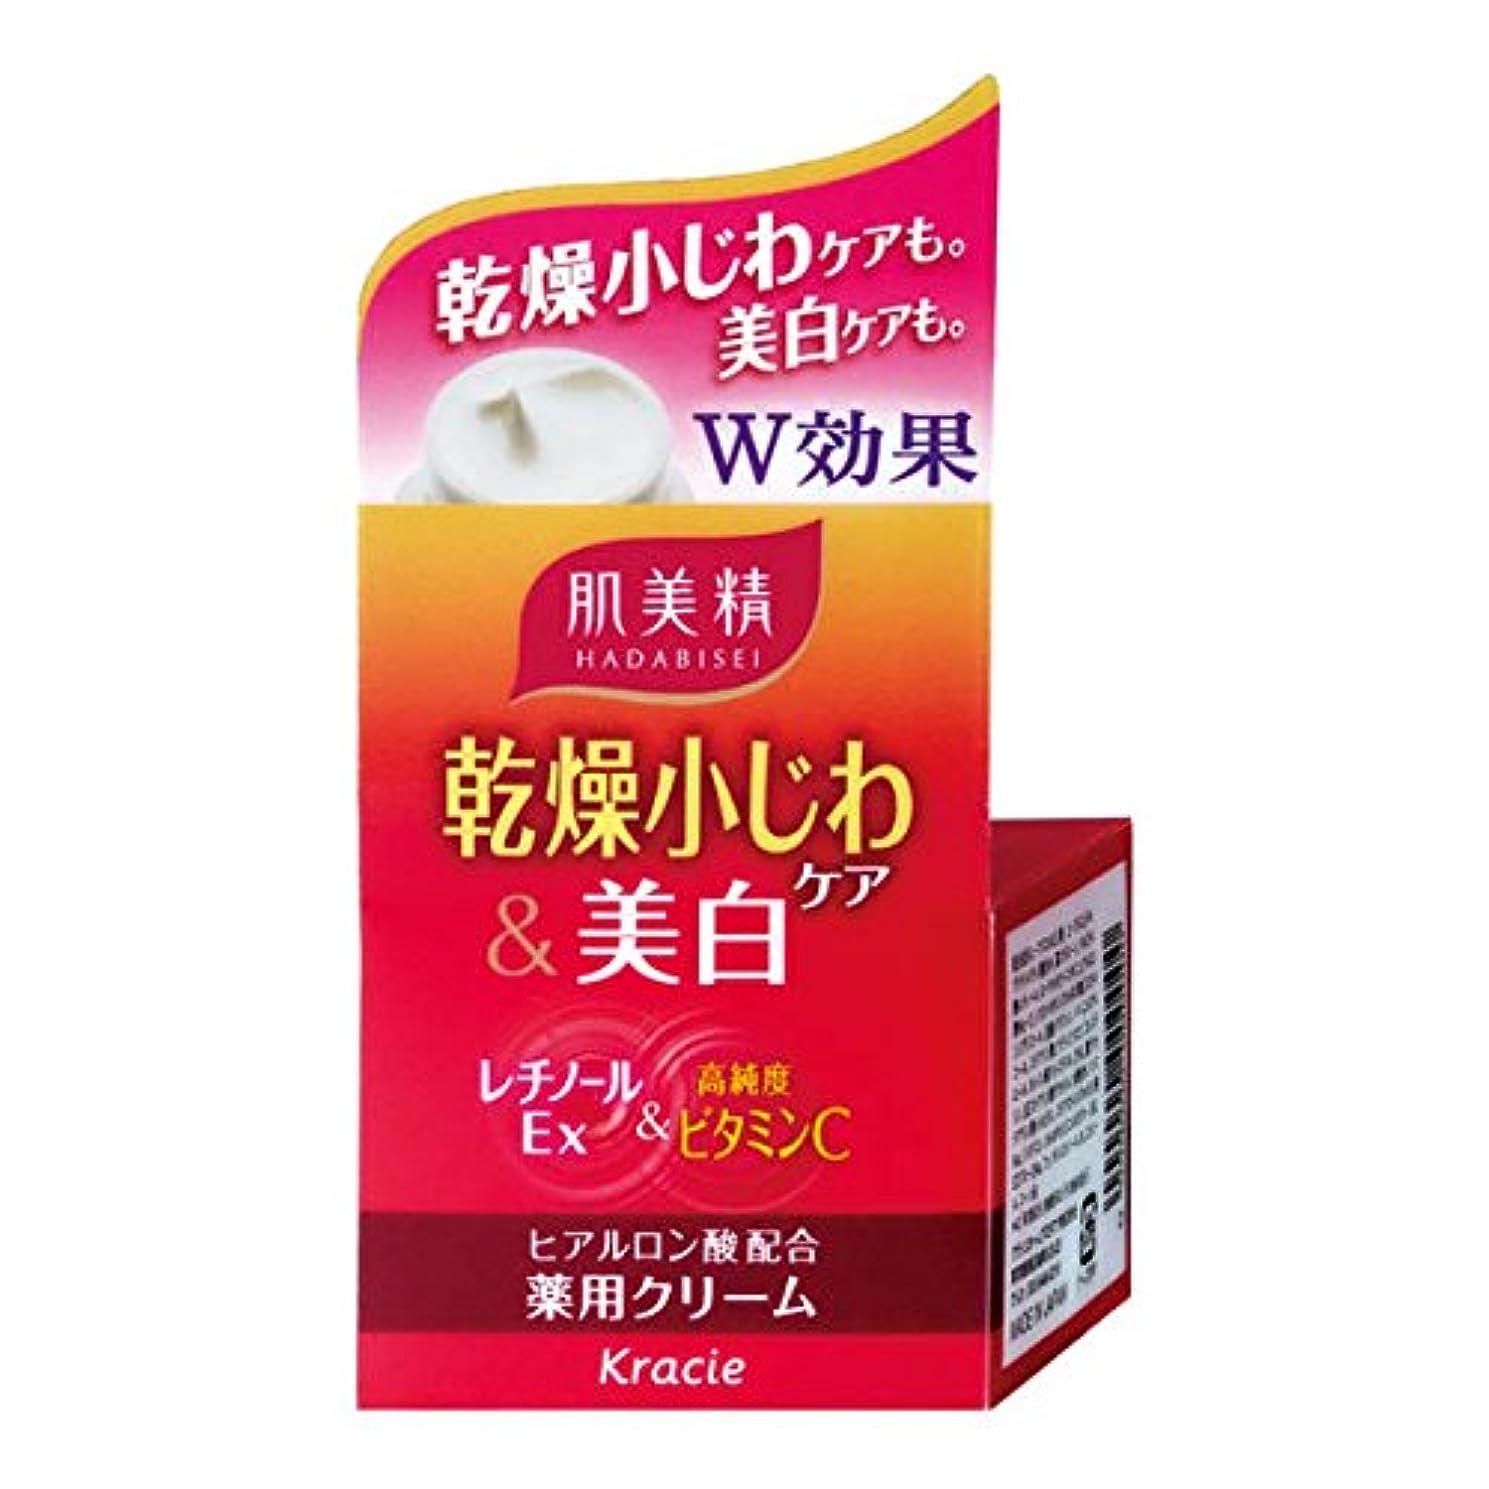 眠る太い構造的肌美精 乾燥小じわケア&美白 薬用クリーム 50g 【医薬部外品】